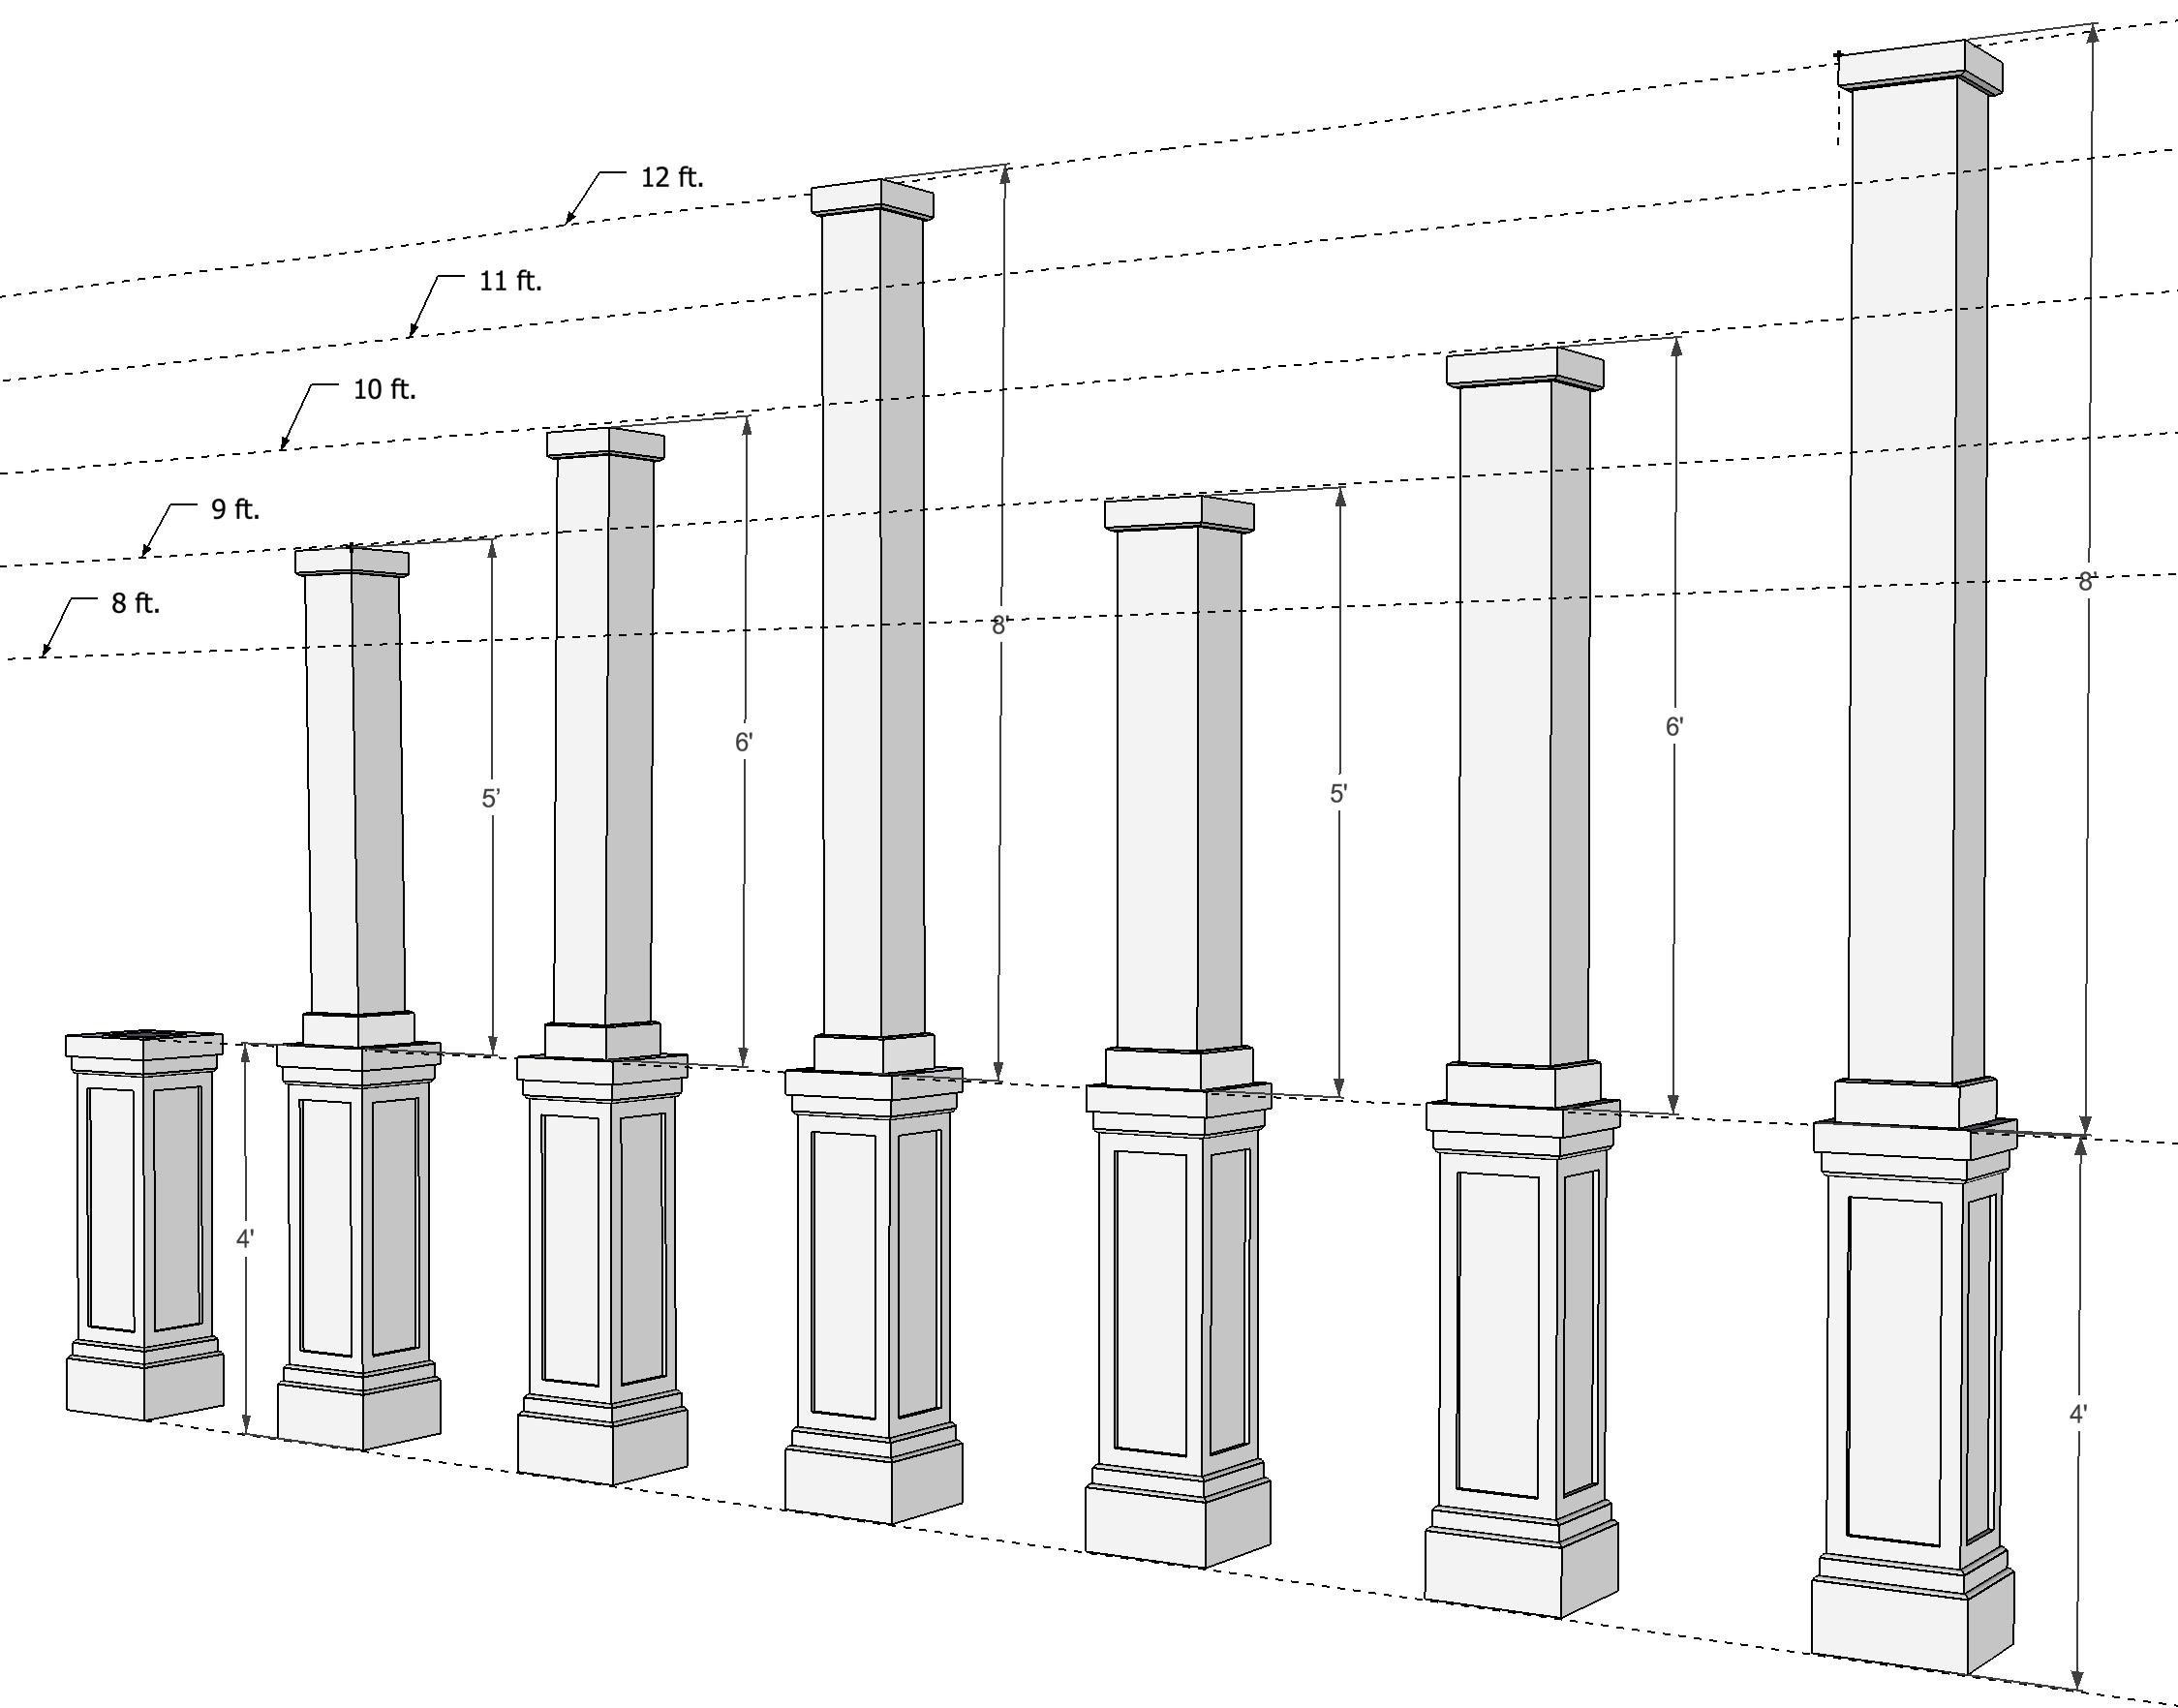 Pvc Combination Column Wrap Shaker Panel Column Wrap House Columns Square Columns